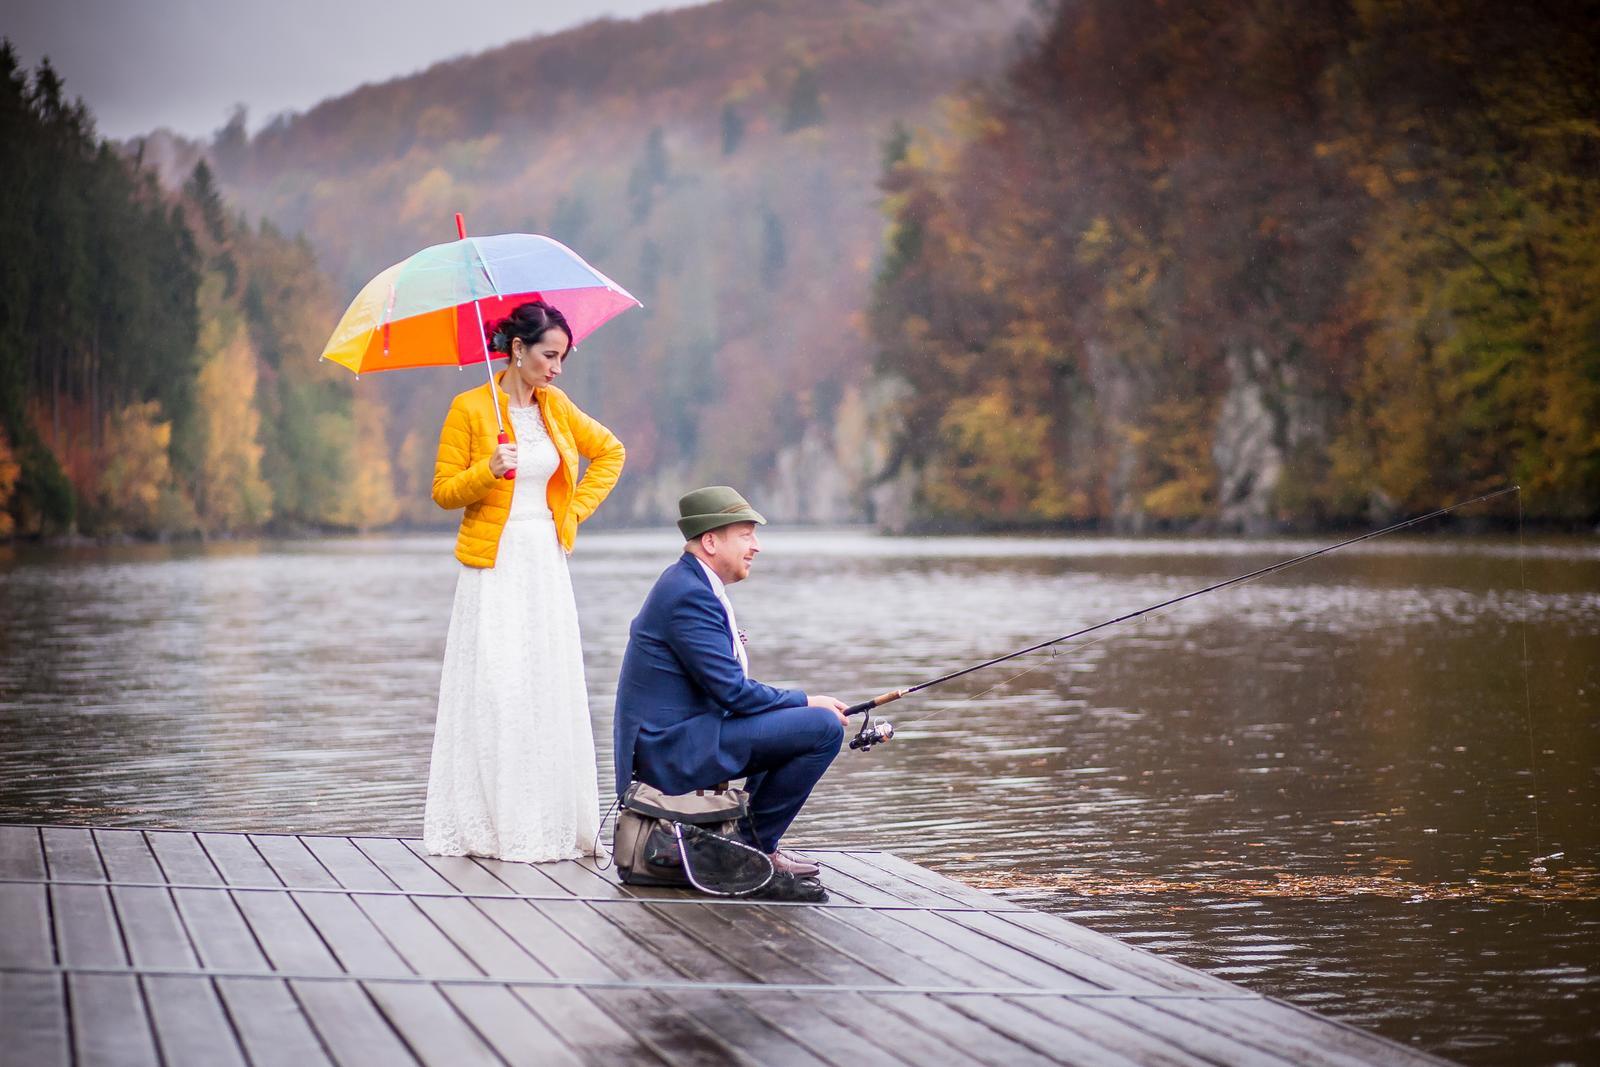 Rozhovor o naší podzimní svatbě vyšel: https://www.beremese.cz/rozhovor-s-nevestou-ajuskou/ Chci poděkovat Beremese za tenhle nápad, s chutí jsem si přečetla postřehy ostatních nevěst. - Obrázek č. 1